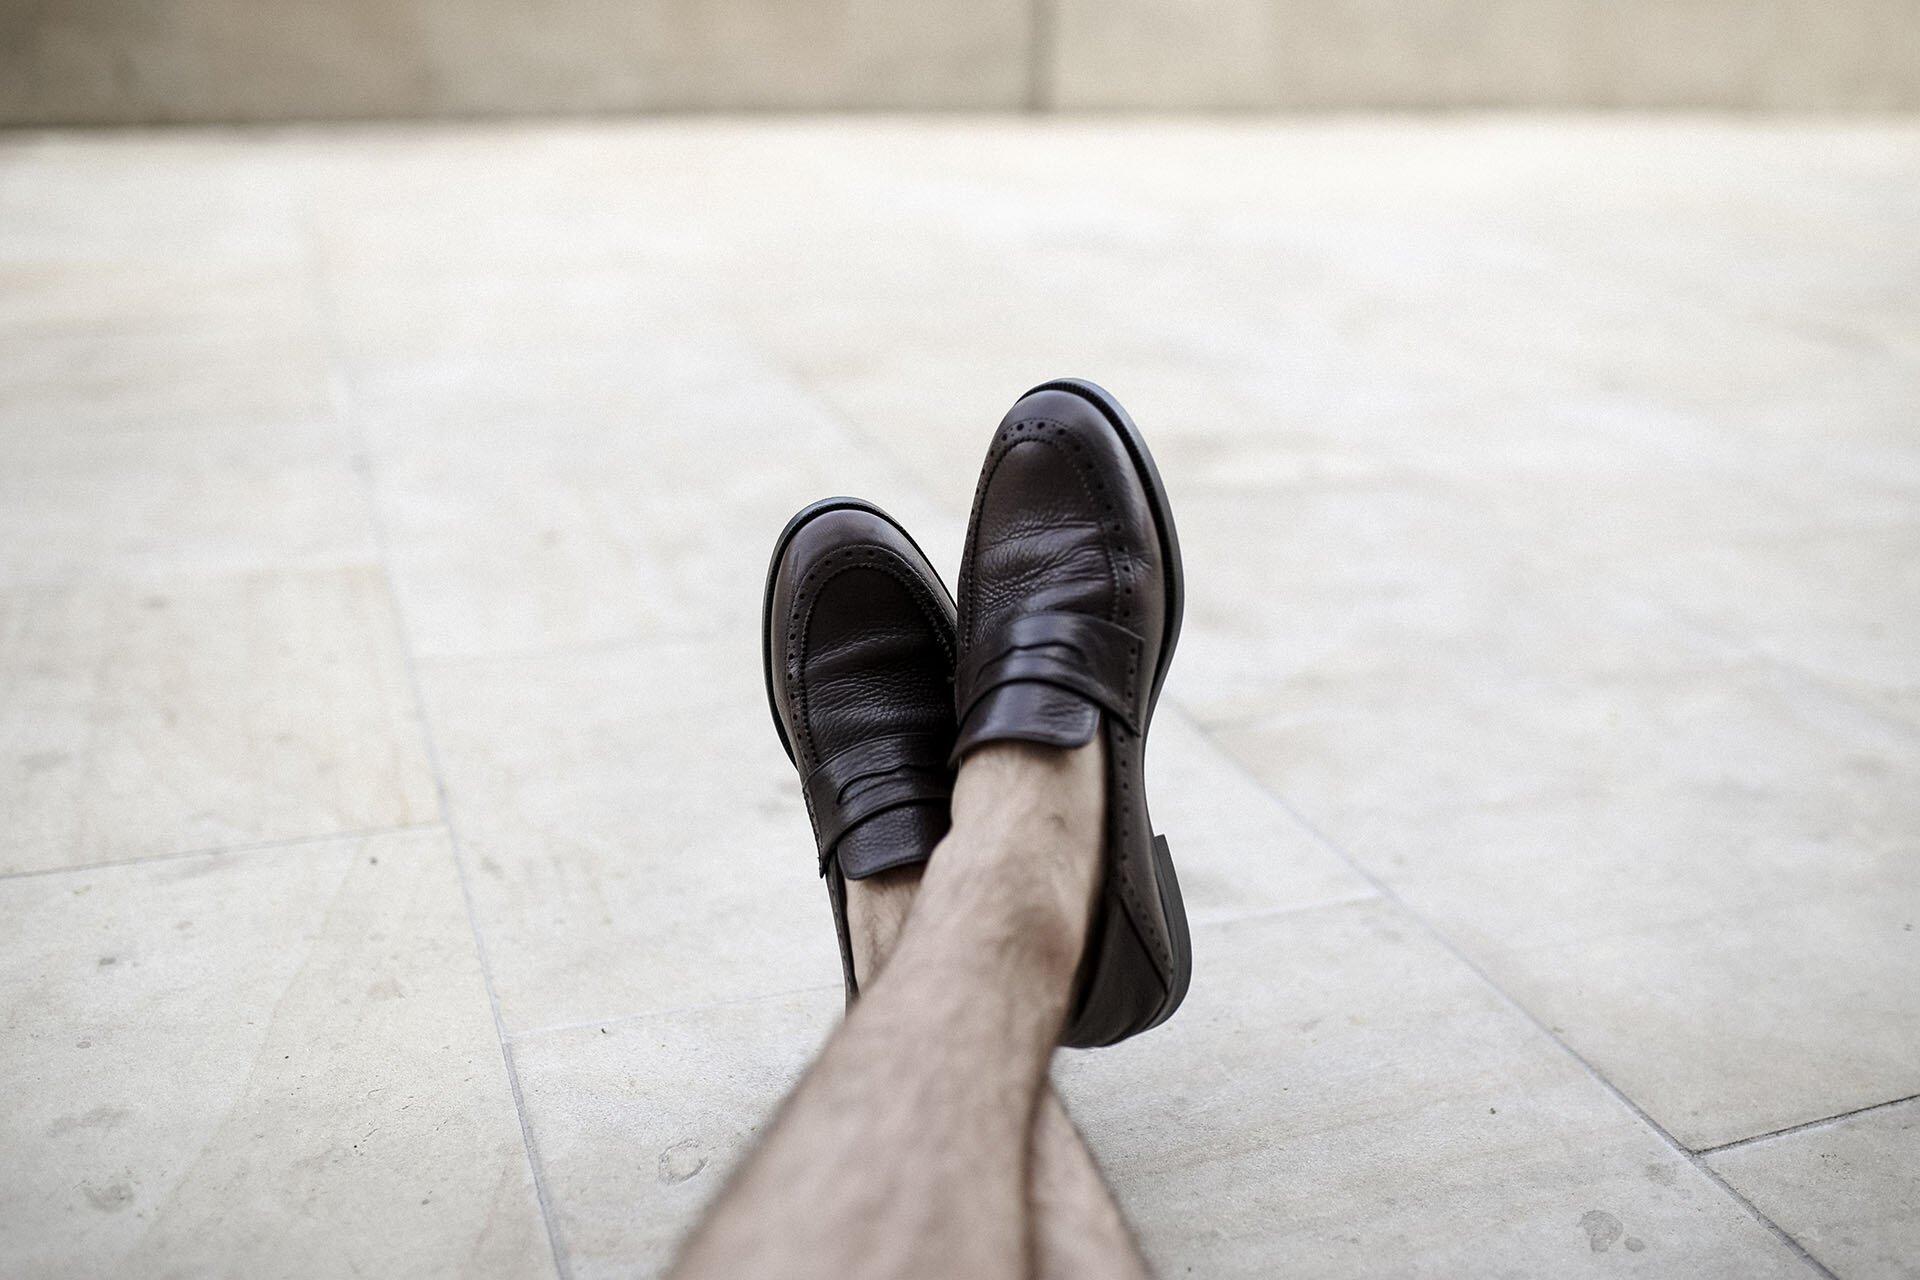 Skórzane Penny Loafers, Massimo Dutti, Buty męskie, Obuwie męskie, Eleganckie buty męskiej